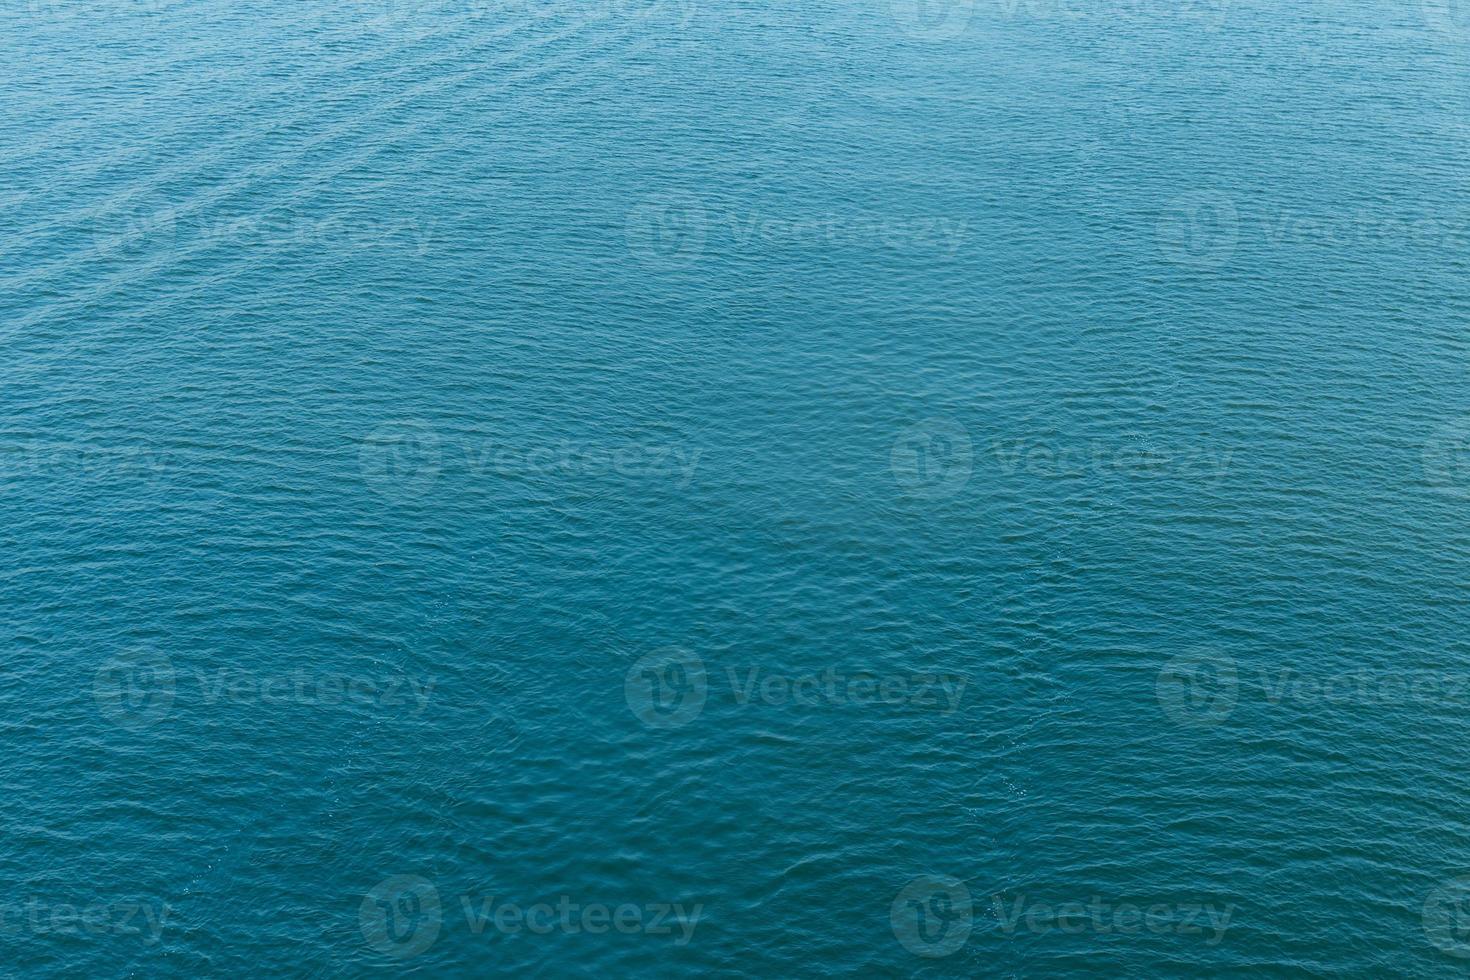 Welligkeit auf der Wasseroberfläche foto